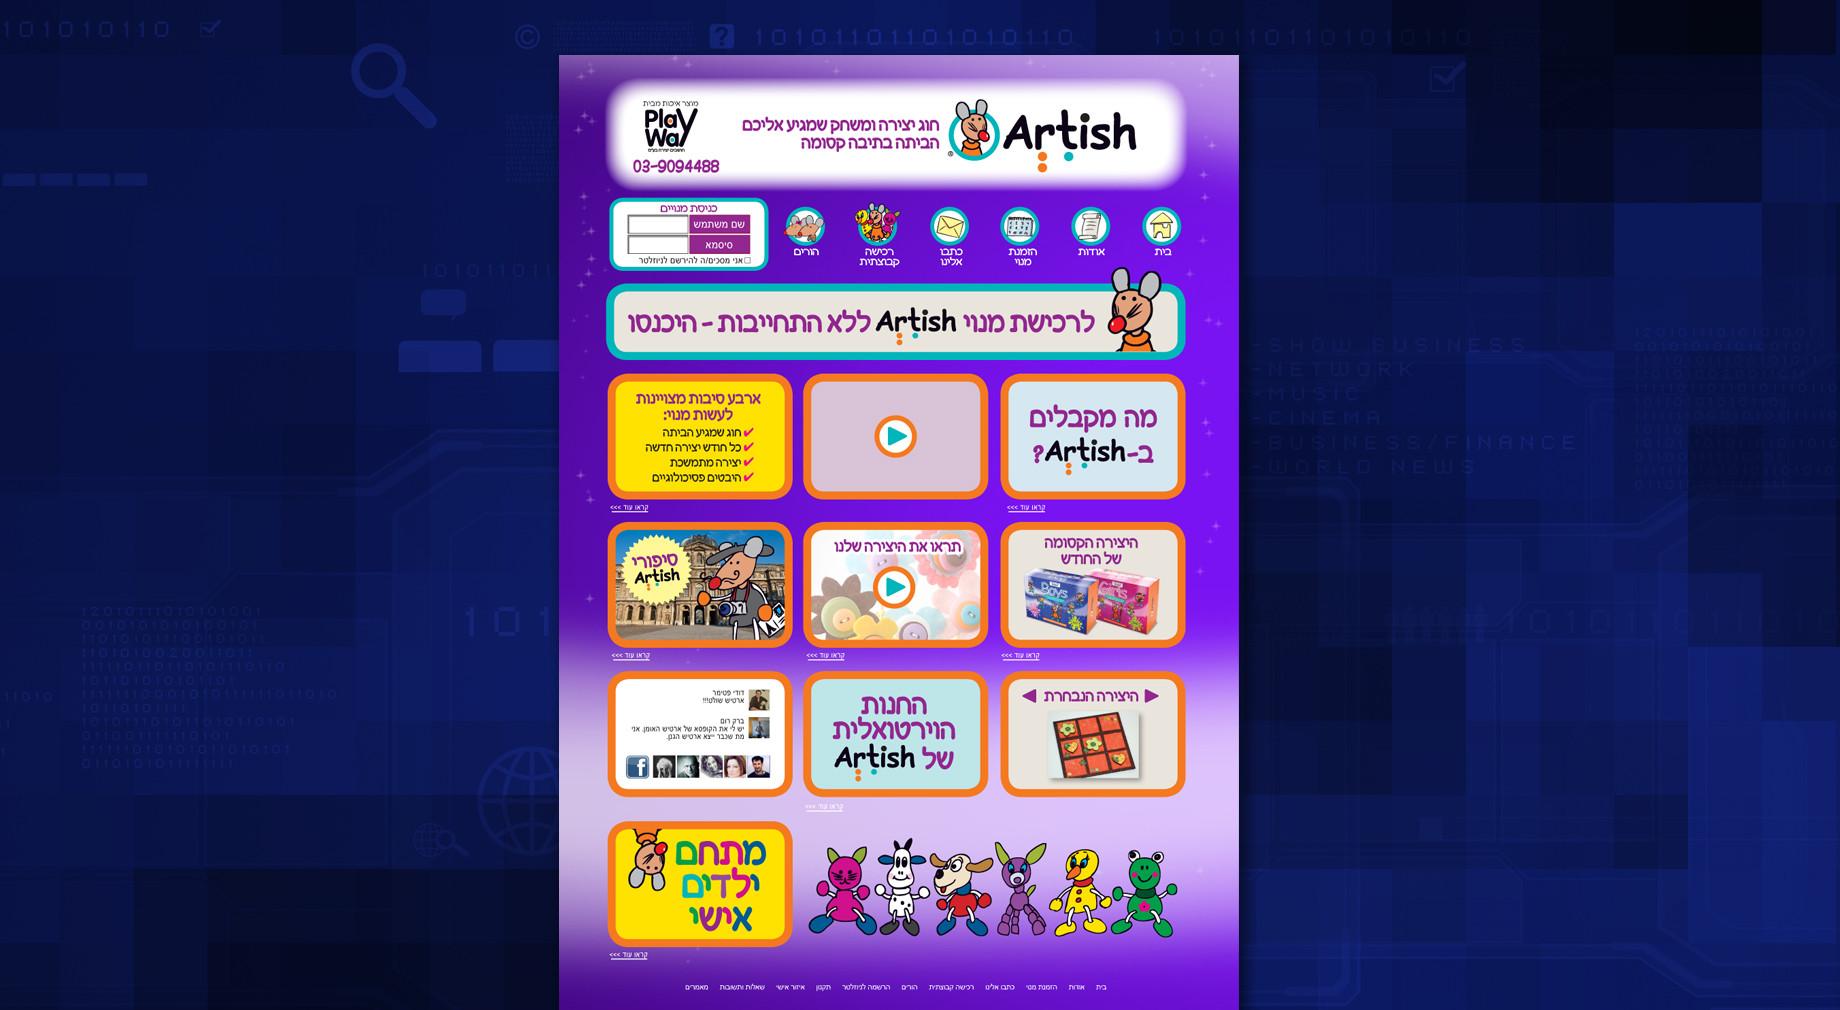 עיצוב אתר לערכת היצירה של Artish